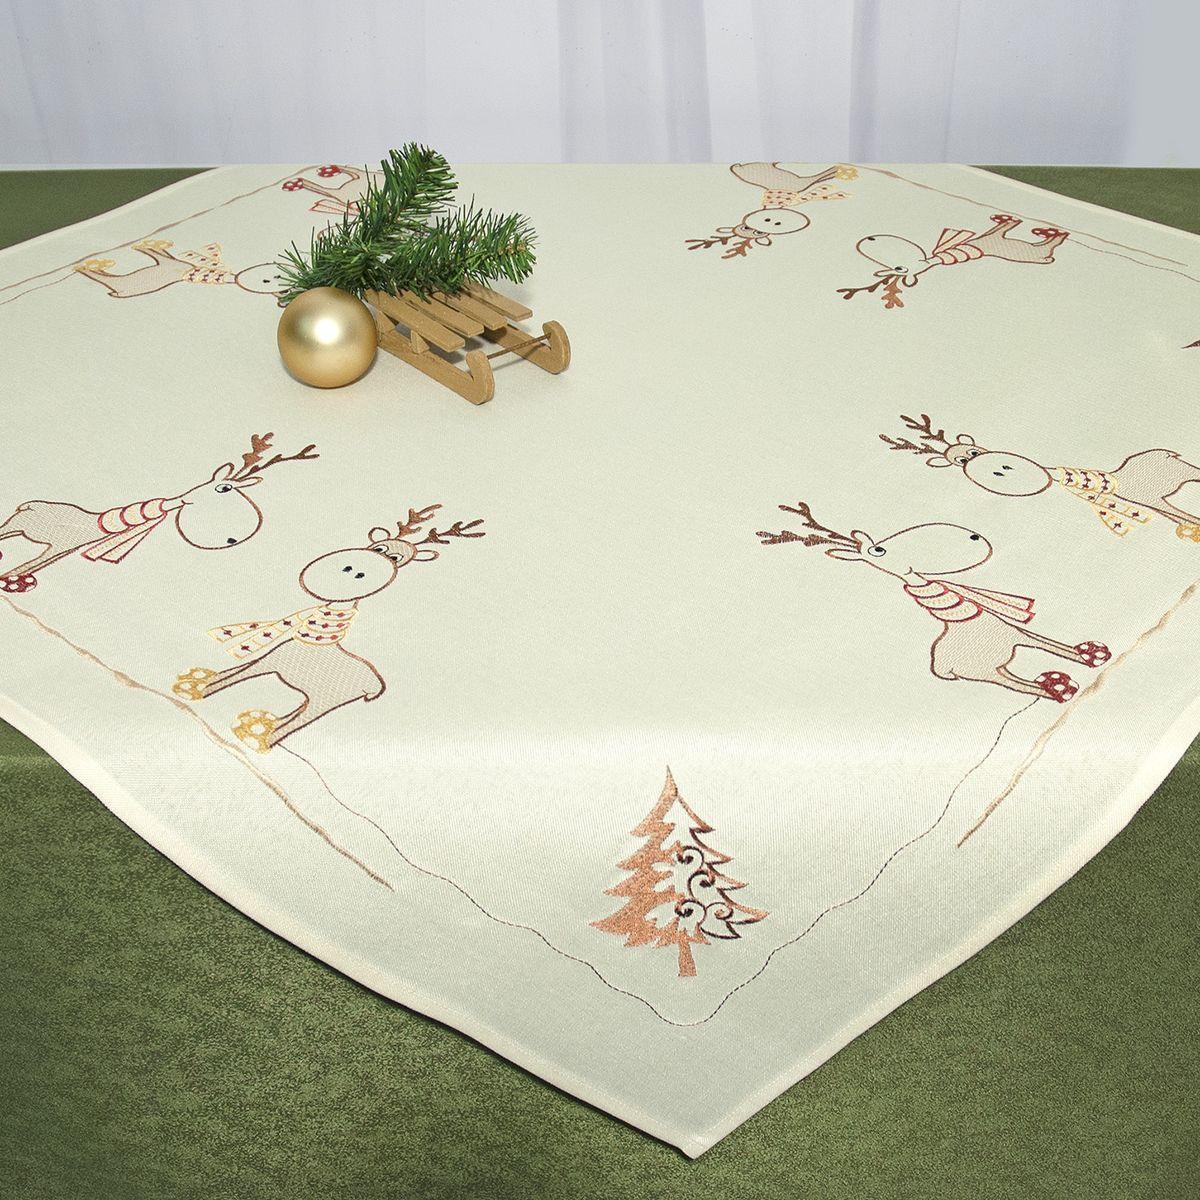 Скатерть Schaefer, квадратная, цвет: бежевый, 85 см x 85 см. 07672-100 - Schaefer07672-100Квадратная скатерть Schaefer, выполненная из полиэстера, станет украшением новогоднего стола. Изделие декорировано оригинальной вышивкой в виде оленей, елок и снежинок. За текстилем из полиэстера очень легко ухаживать: он легко стирается, не мнется, не садится и быстро сохнет, более долговечен, чем текстиль из натуральных волокон. Использование такой скатерти сделает застолье торжественным, поднимет настроение гостей и приятно удивит их вашим изысканным вкусом. Это текстильное изделие станет изысканным украшением вашего дома!